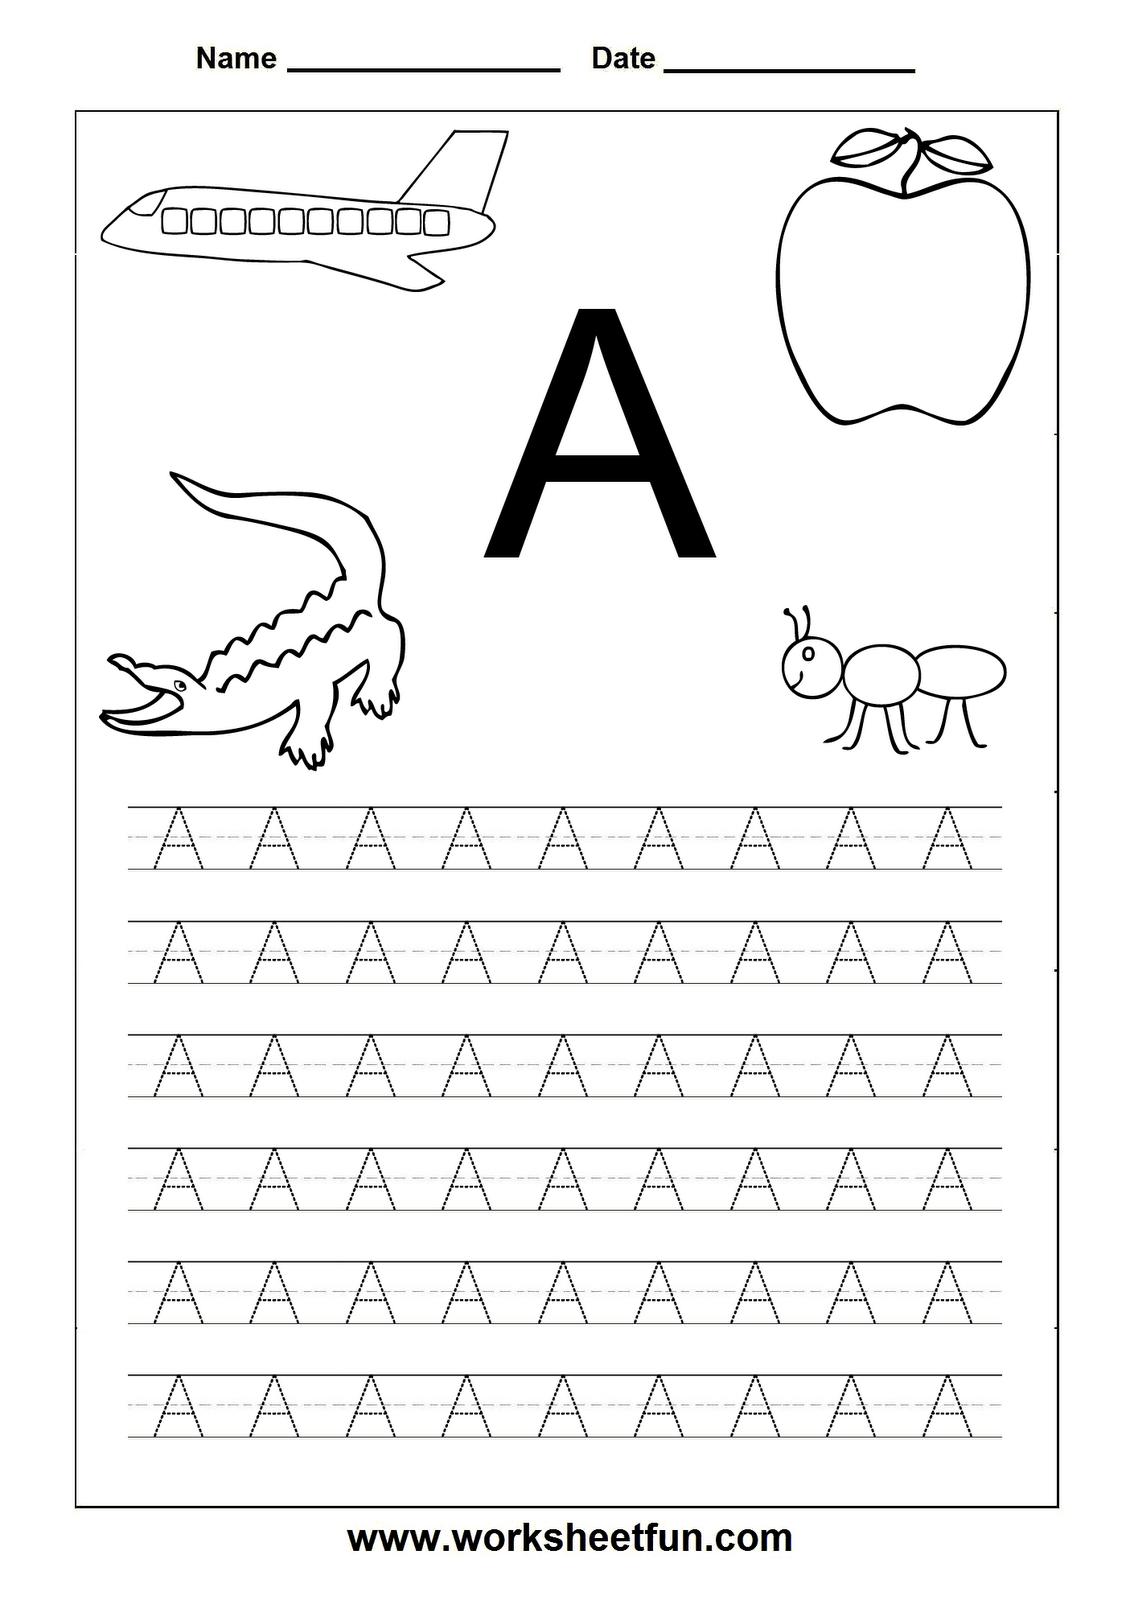 Letter Worksheets For Kindergarten Printable | Letters | Toddler - Free Printable Letter Worksheets